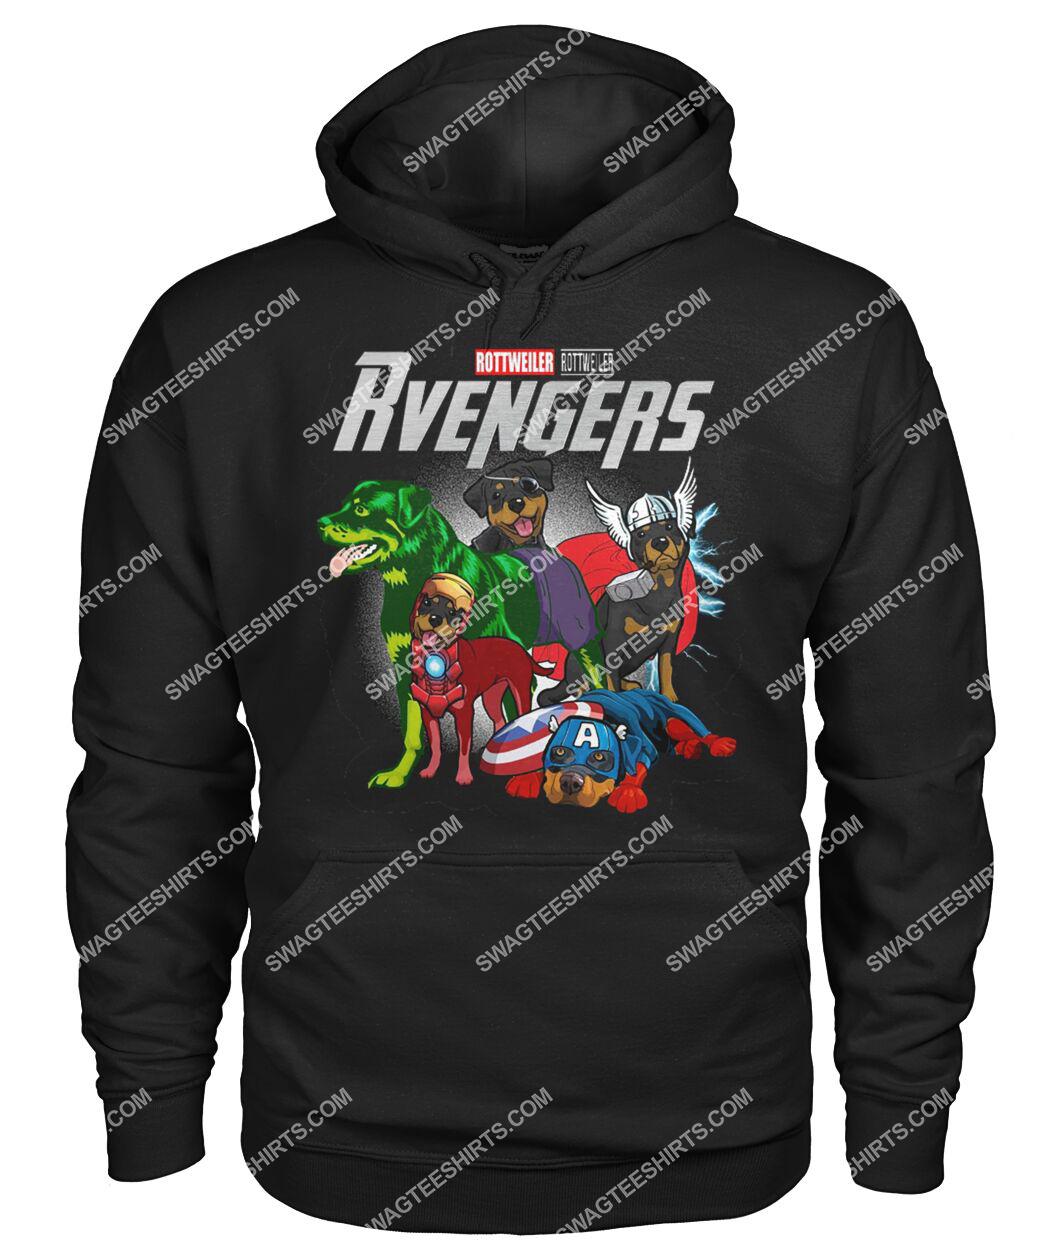 rottweiler rvengers marvel avengers dogs lover hoodie 1